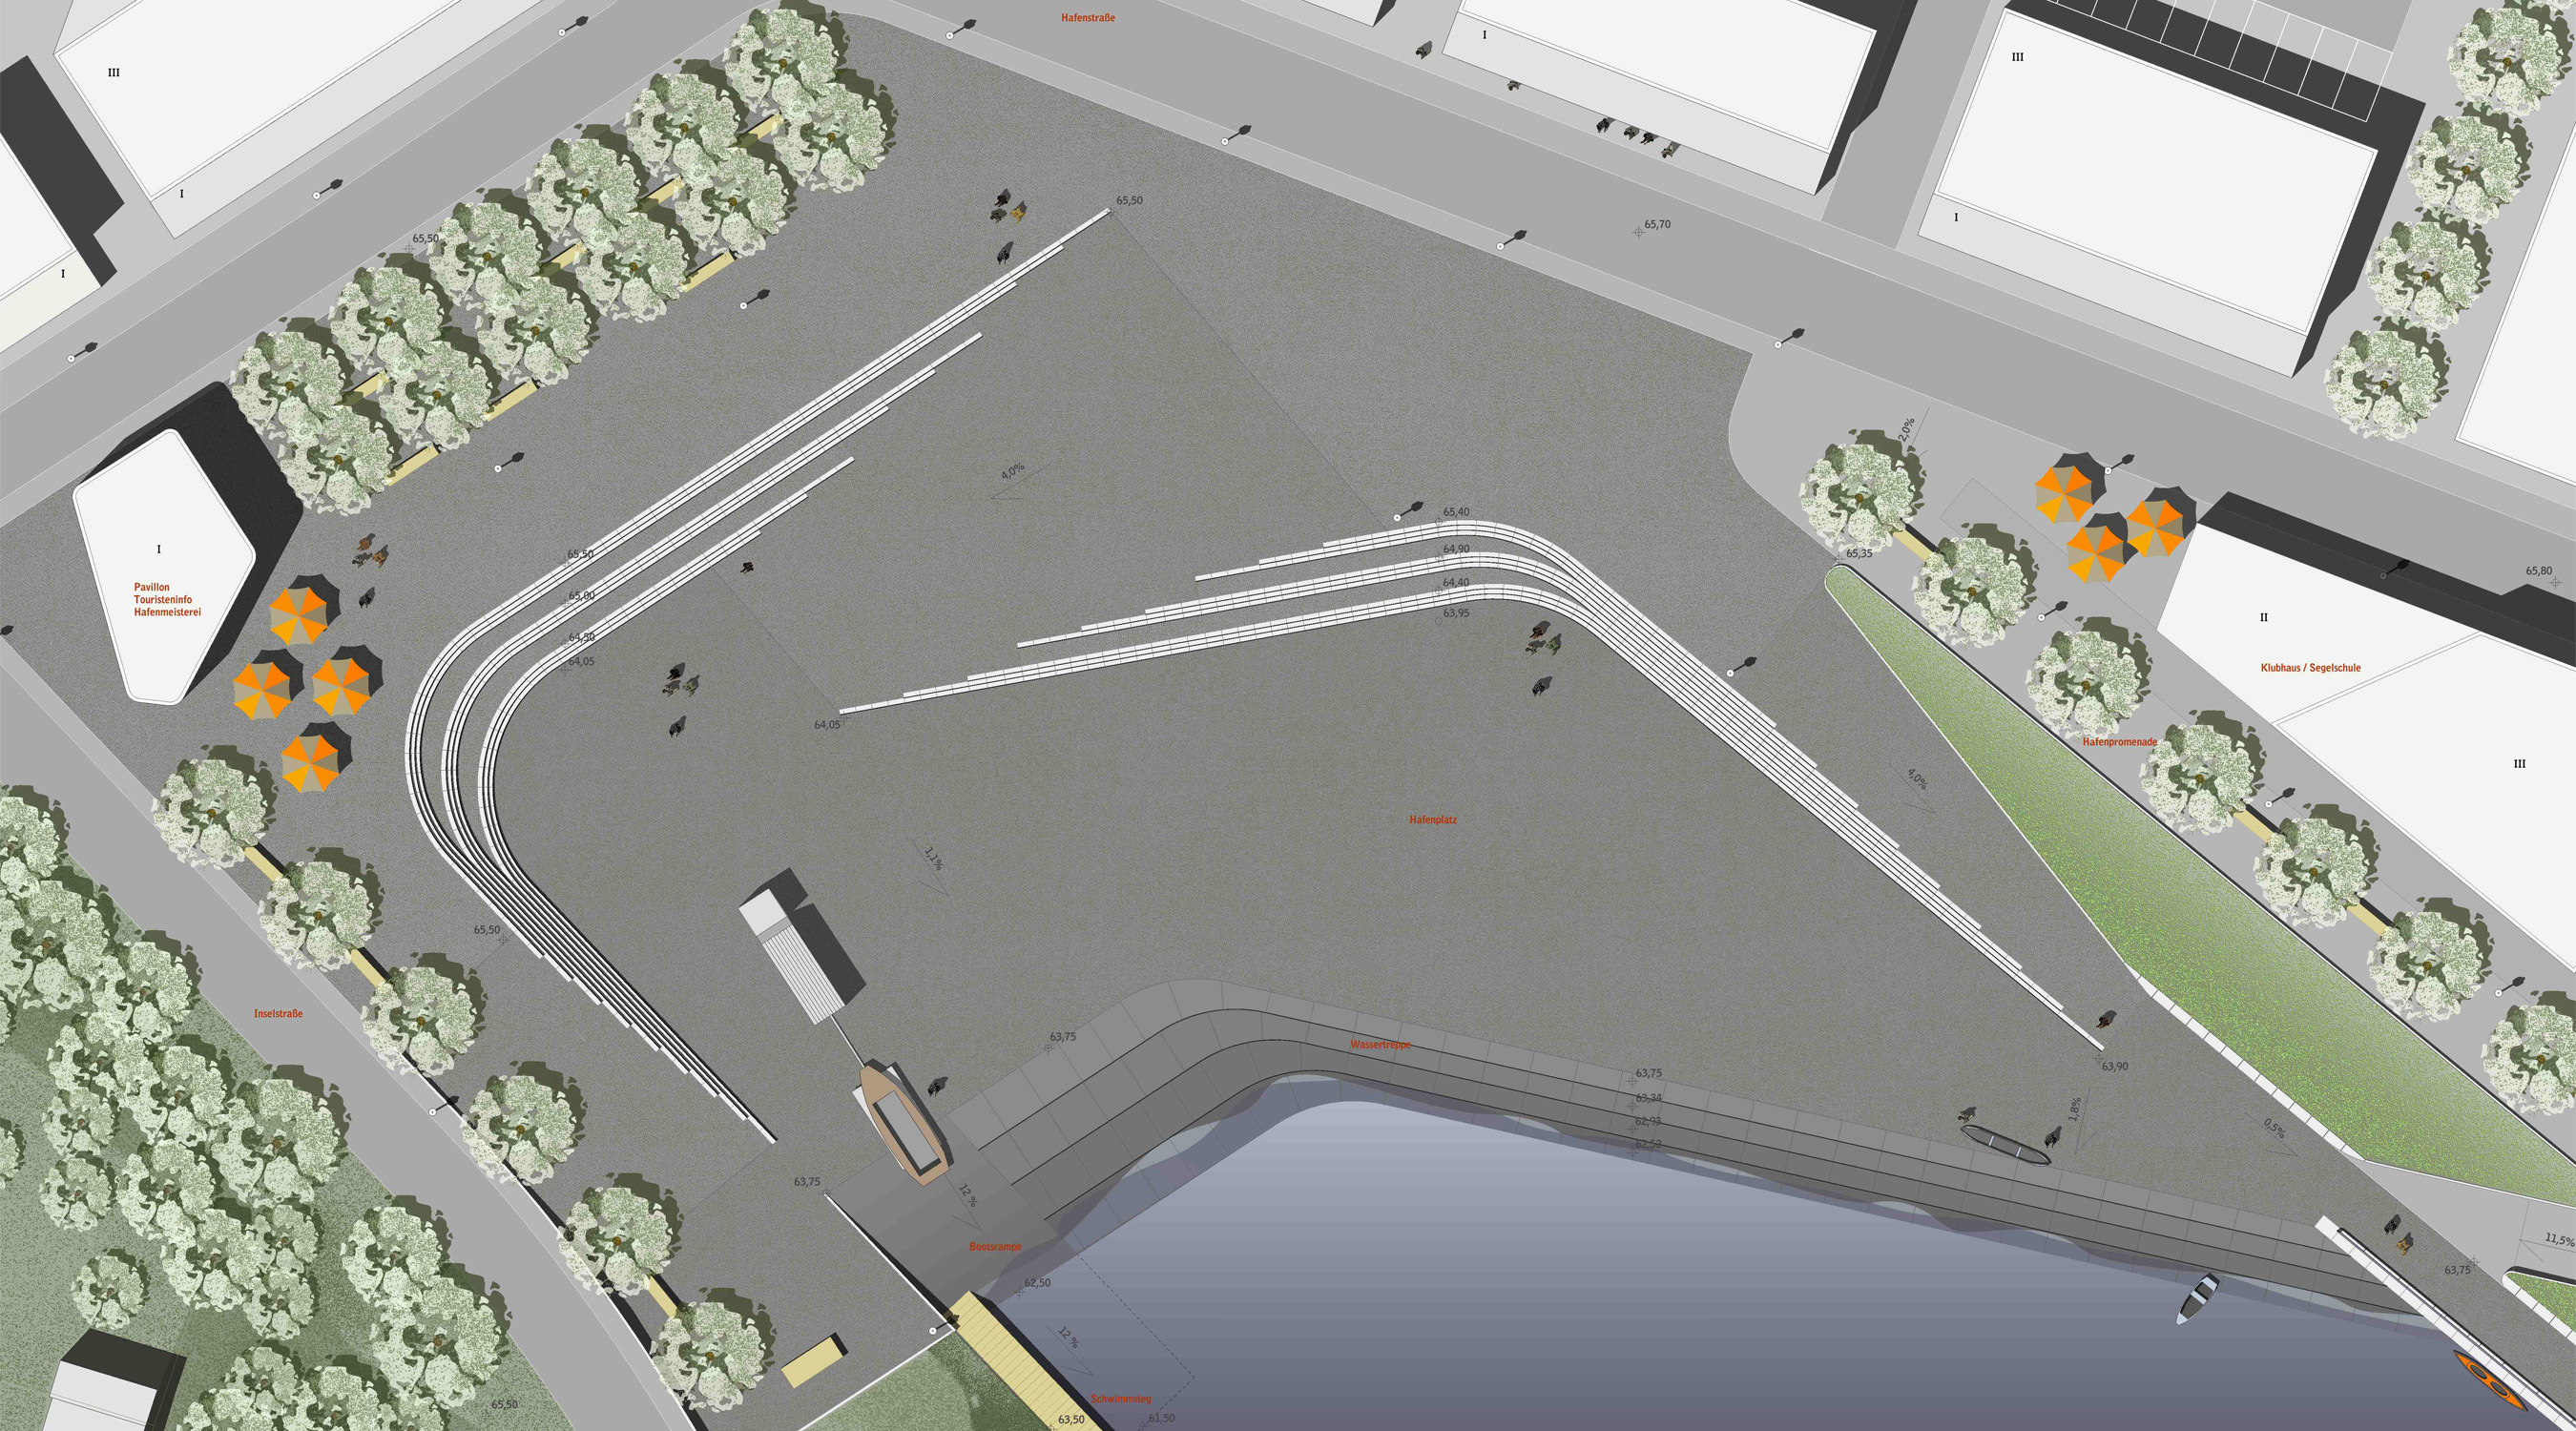 Seehafen Teichland Detailplan